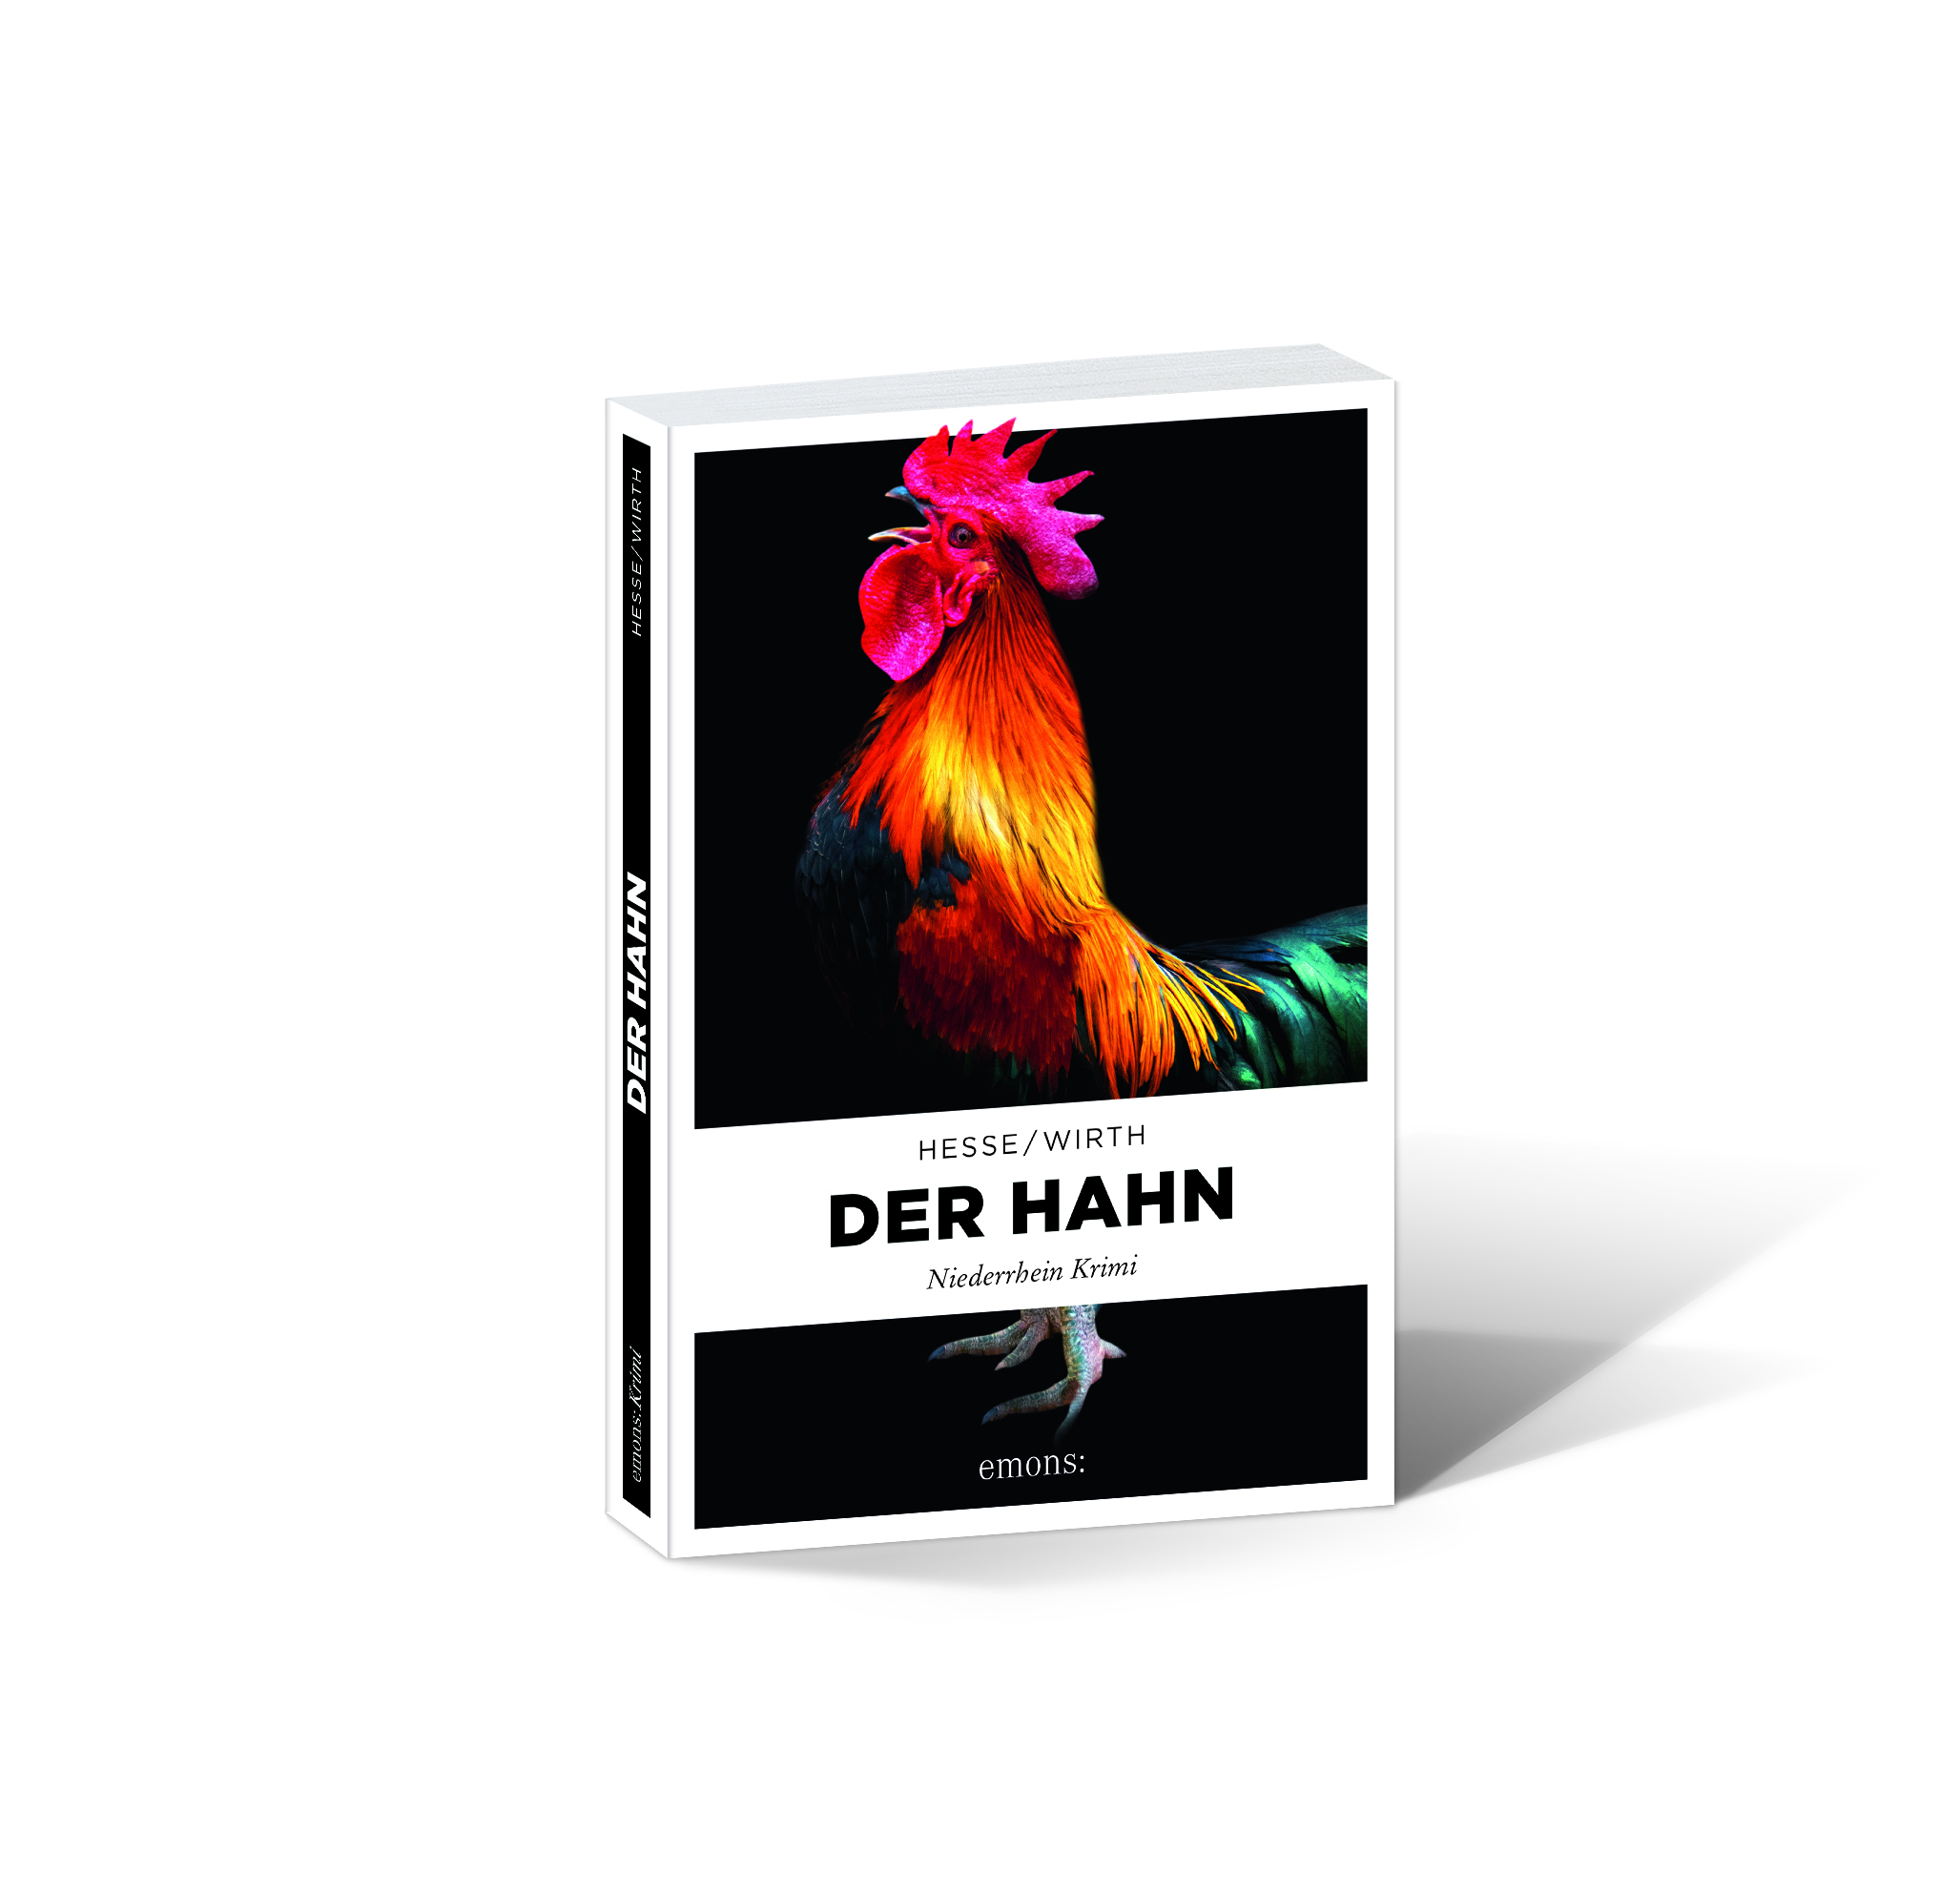 cover-hahn-3d